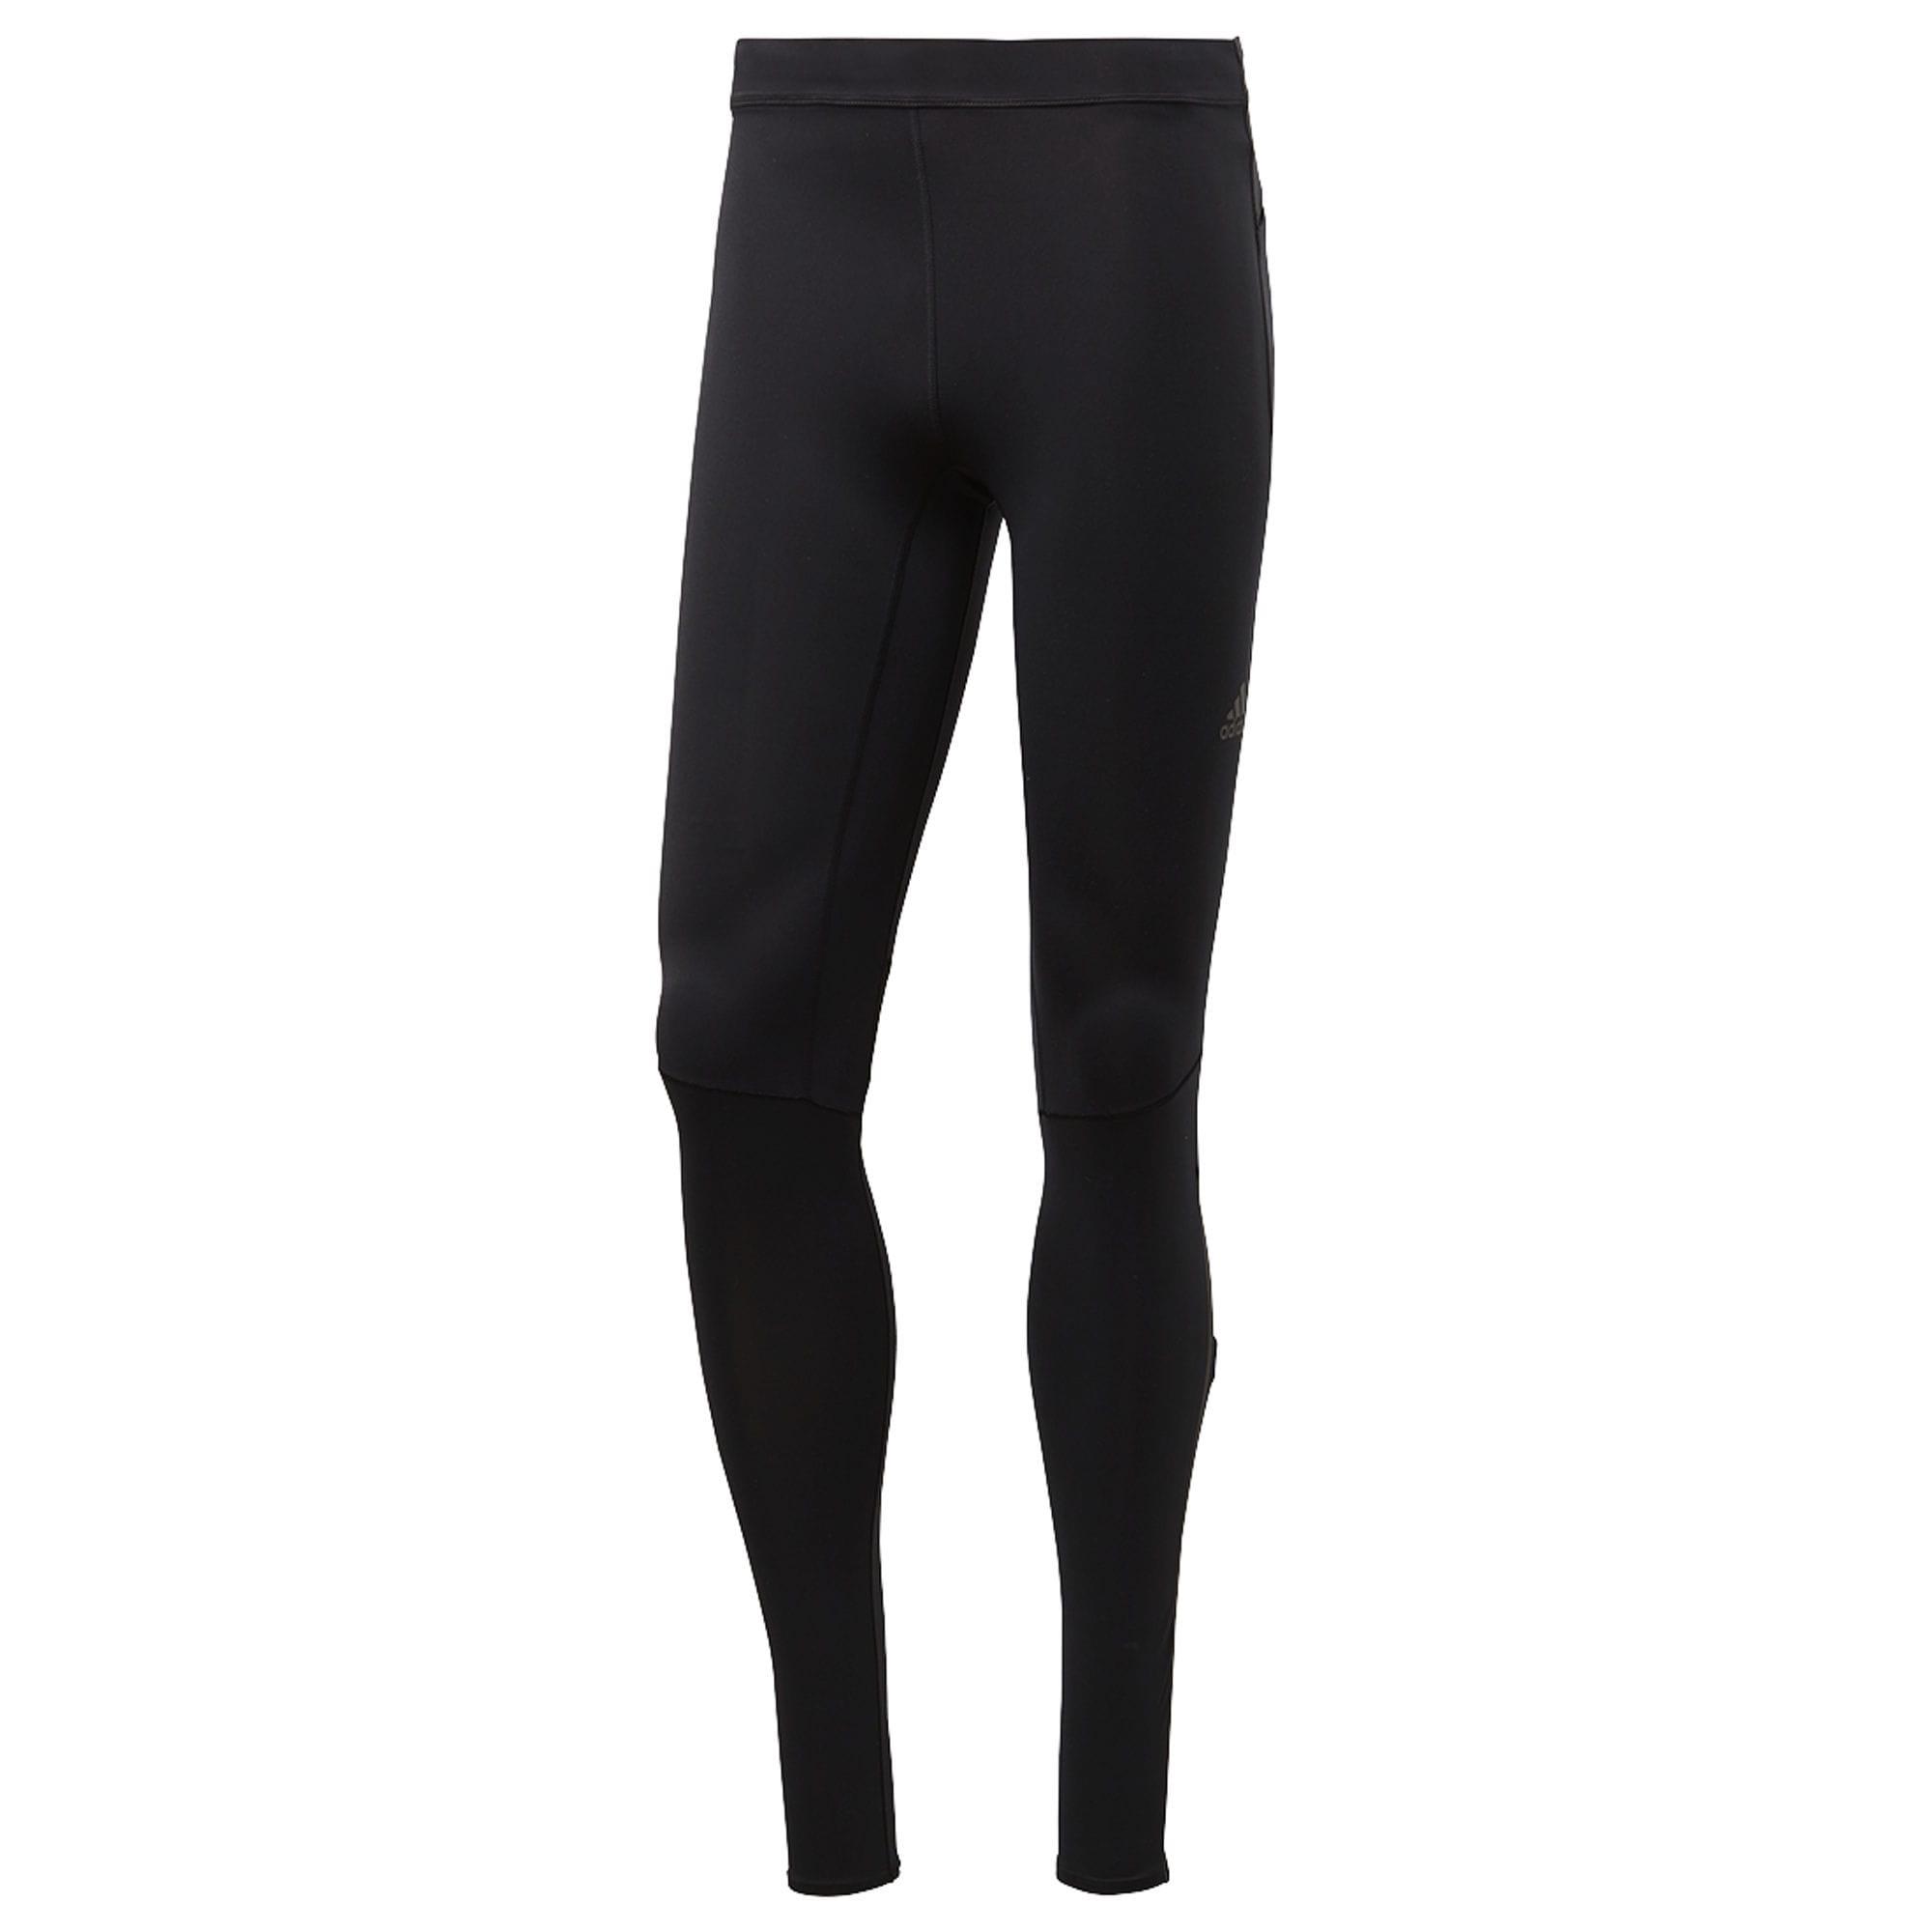 Sportovní kalhoty Supernova černá ADIDAS PERFORMANCE